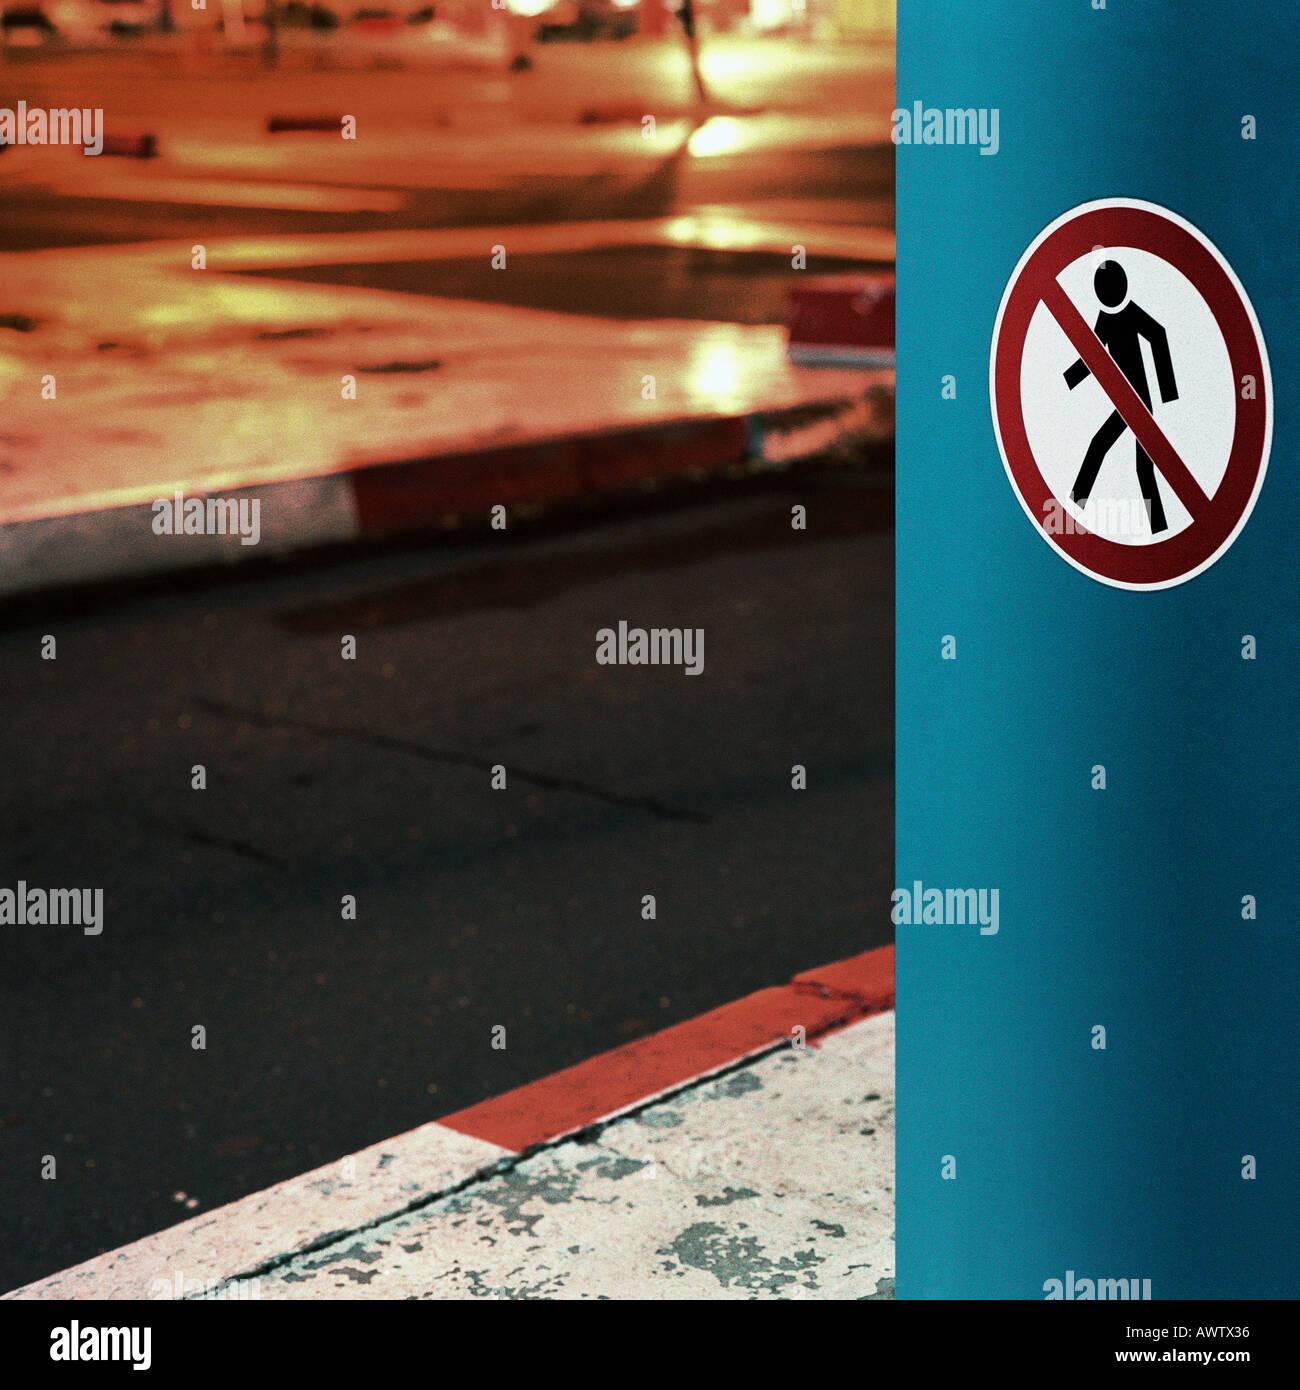 No hay signo de peatones, noche Imagen De Stock